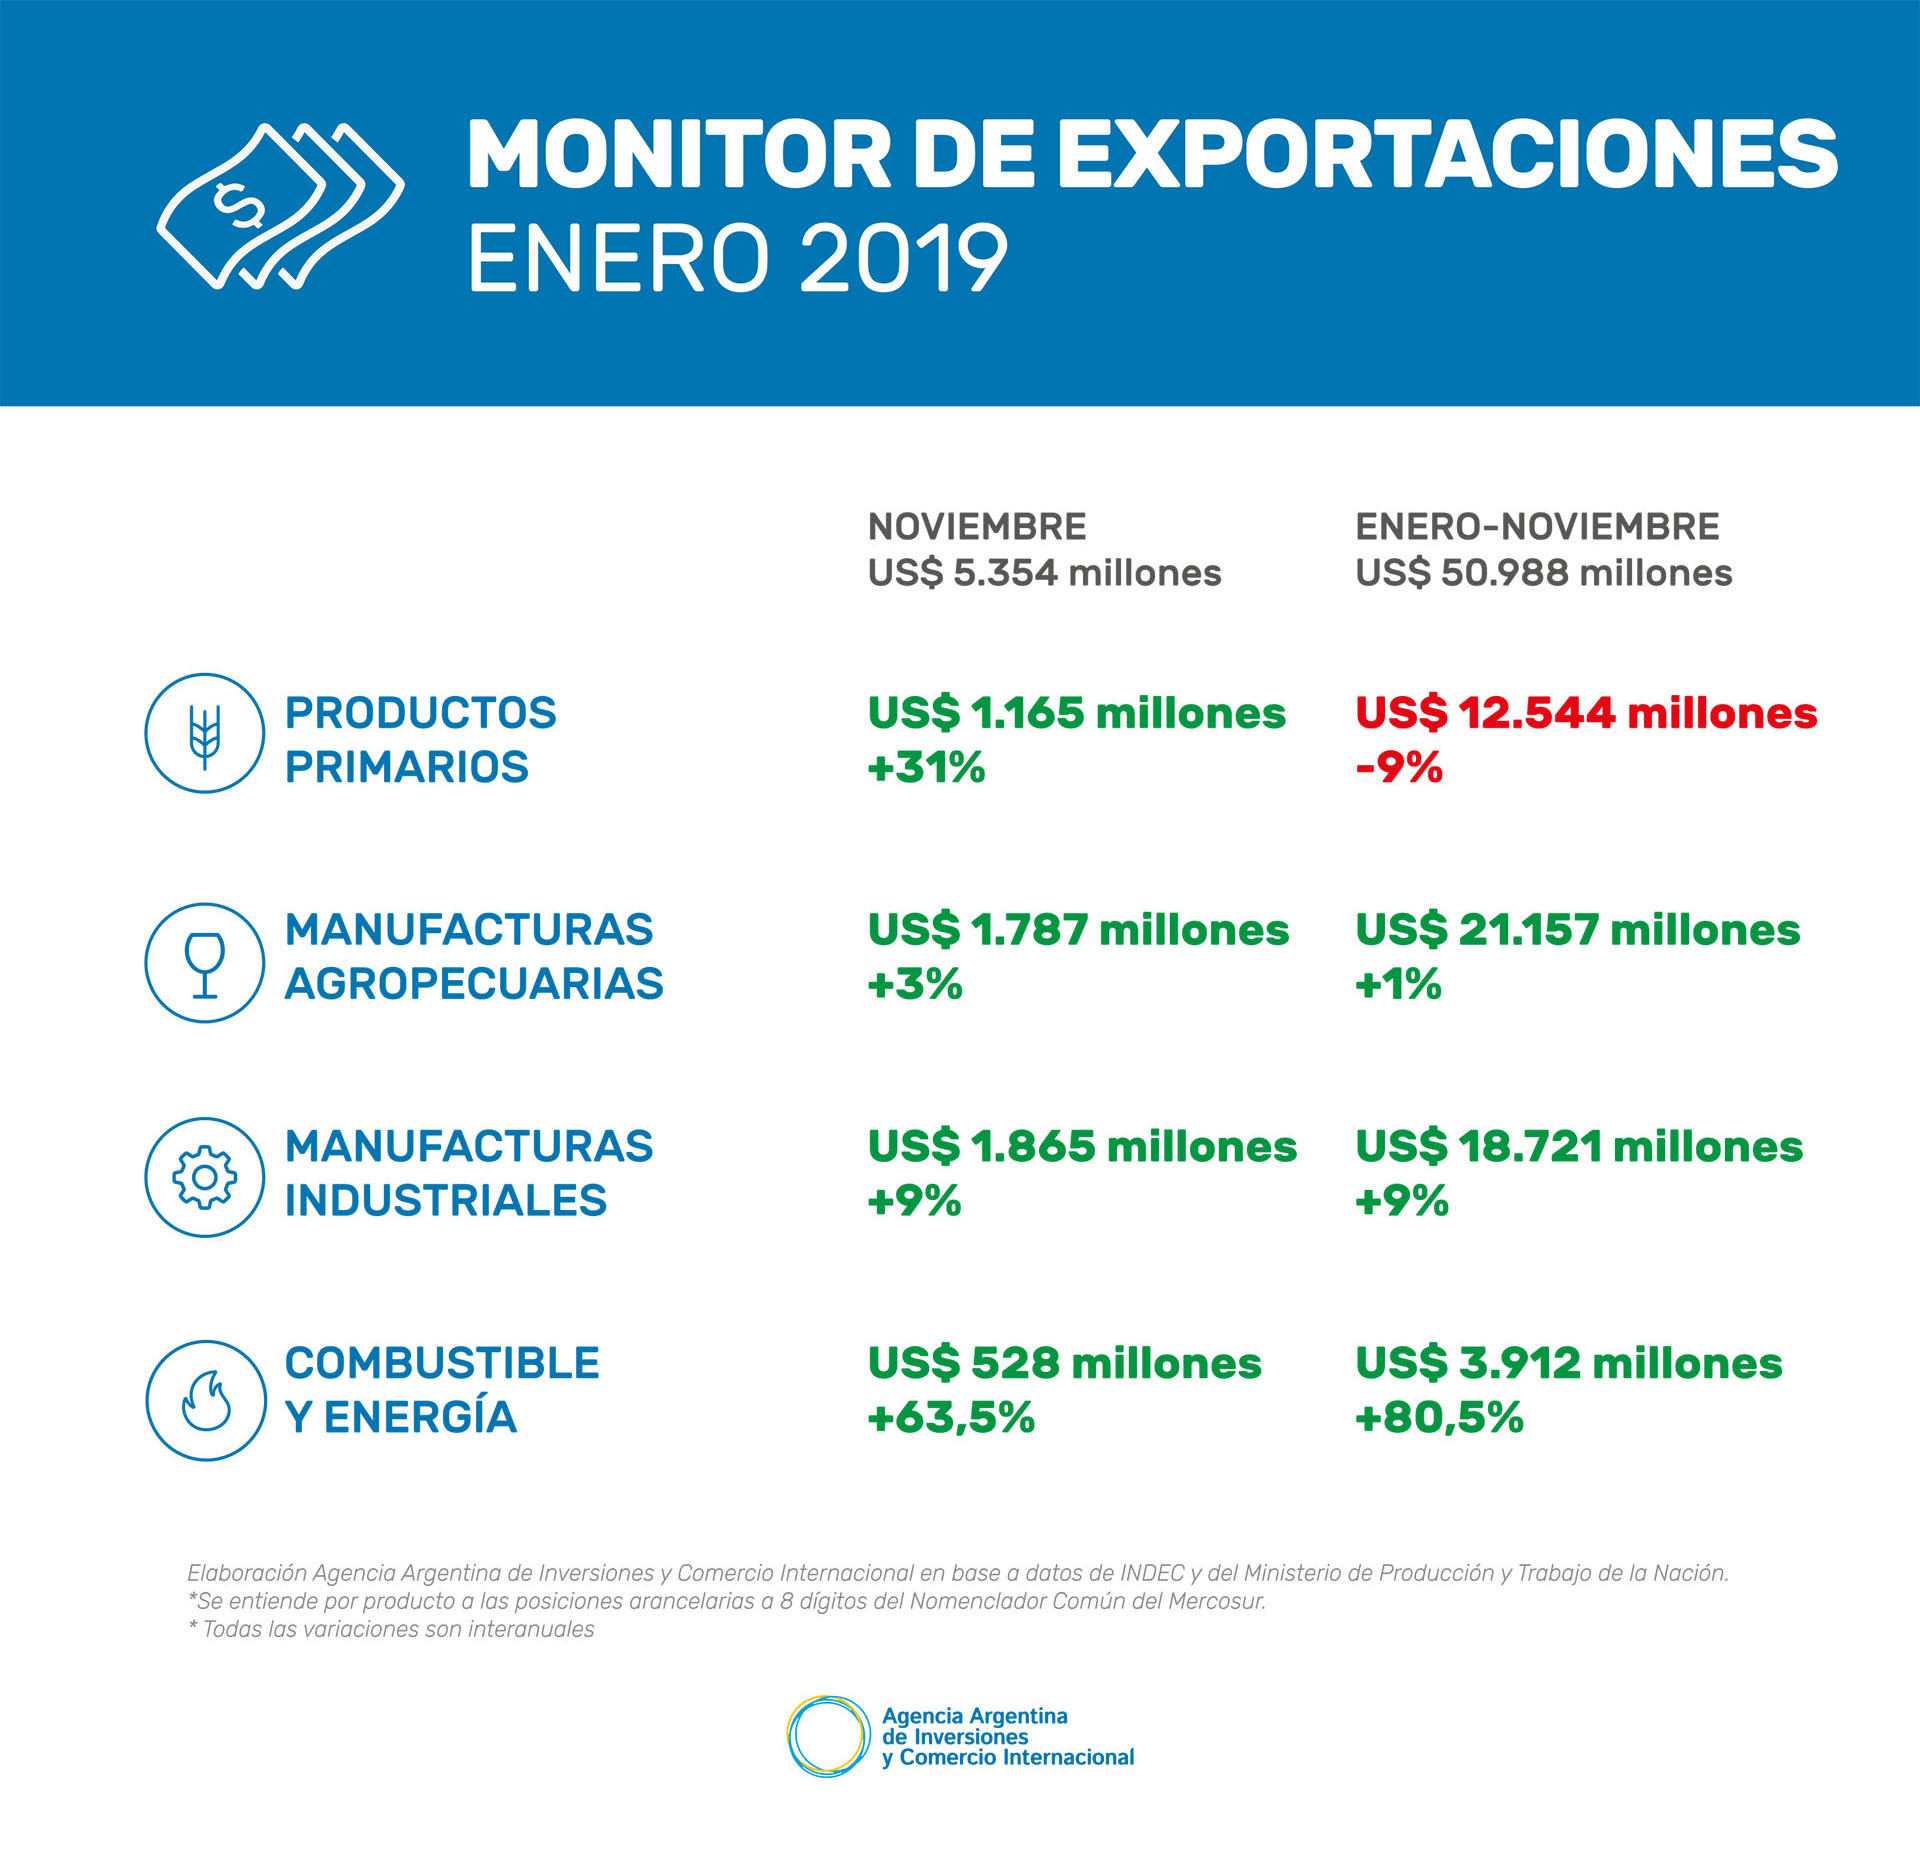 Monitor de exportaciones - enero 2019